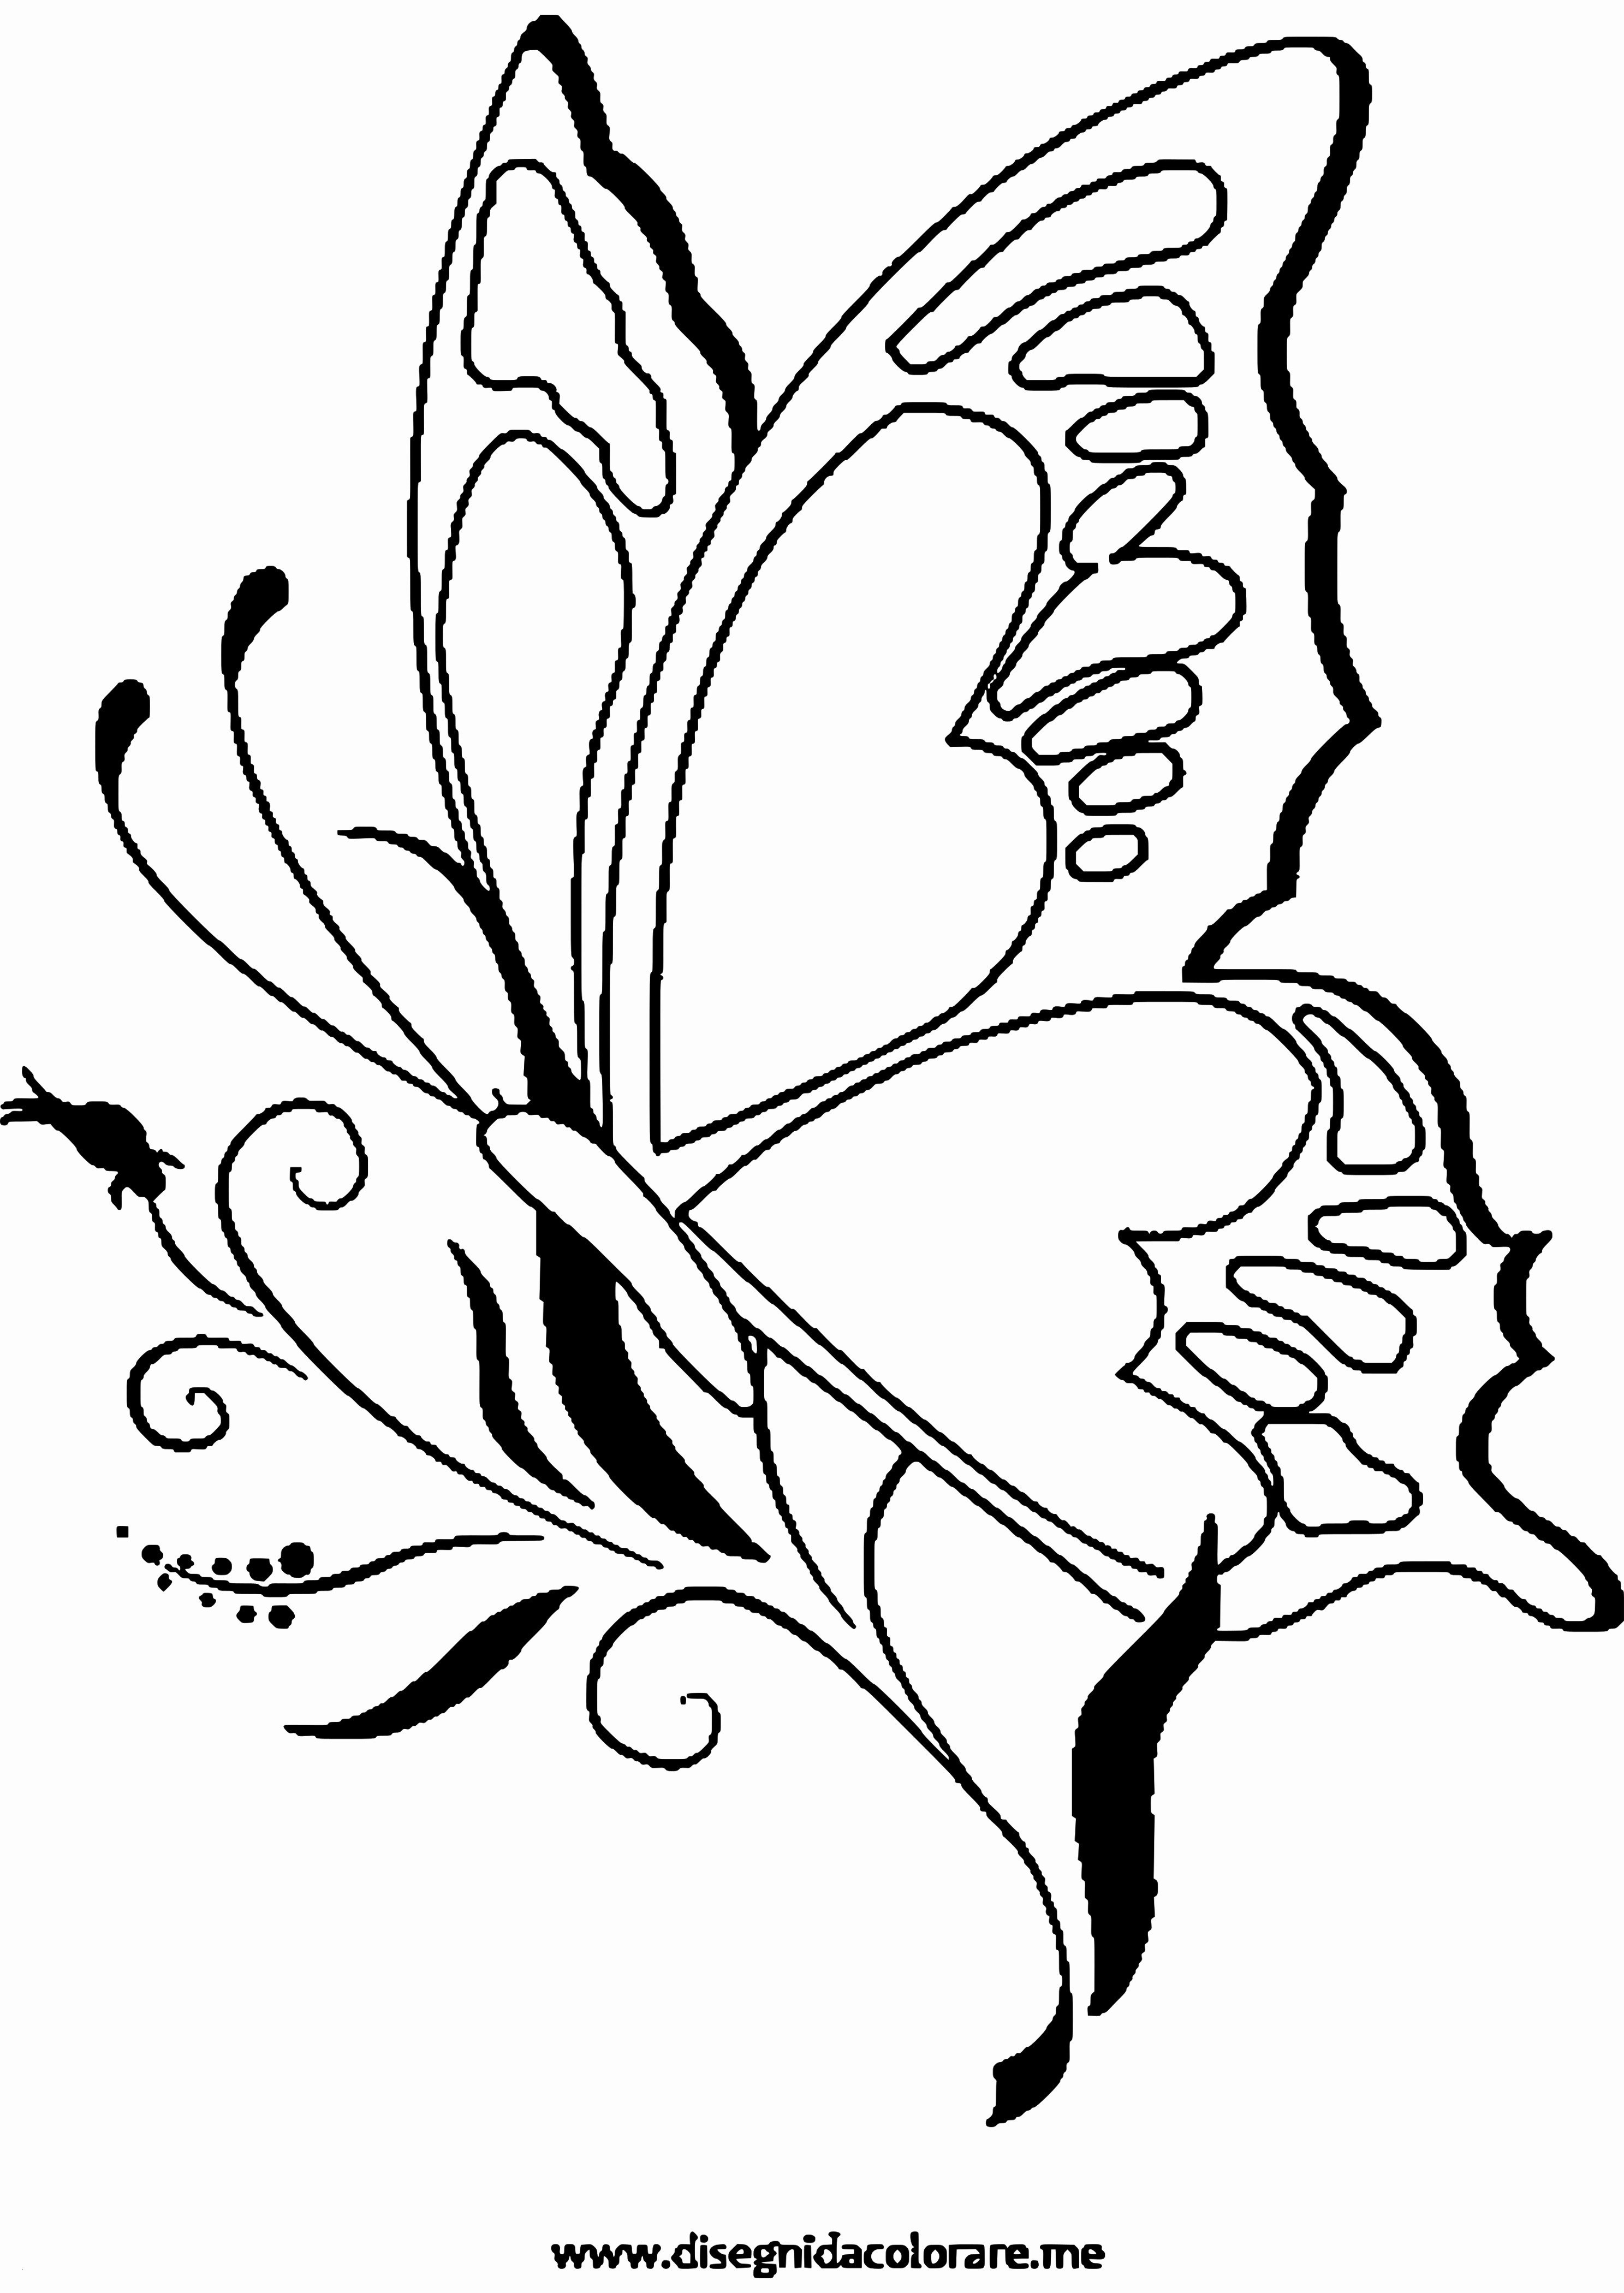 Malvorlage Eule Auf ast Frisch 40 Kostenlose Ausmalbilder Schmetterling Scoredatscore Inspirierend Fotos